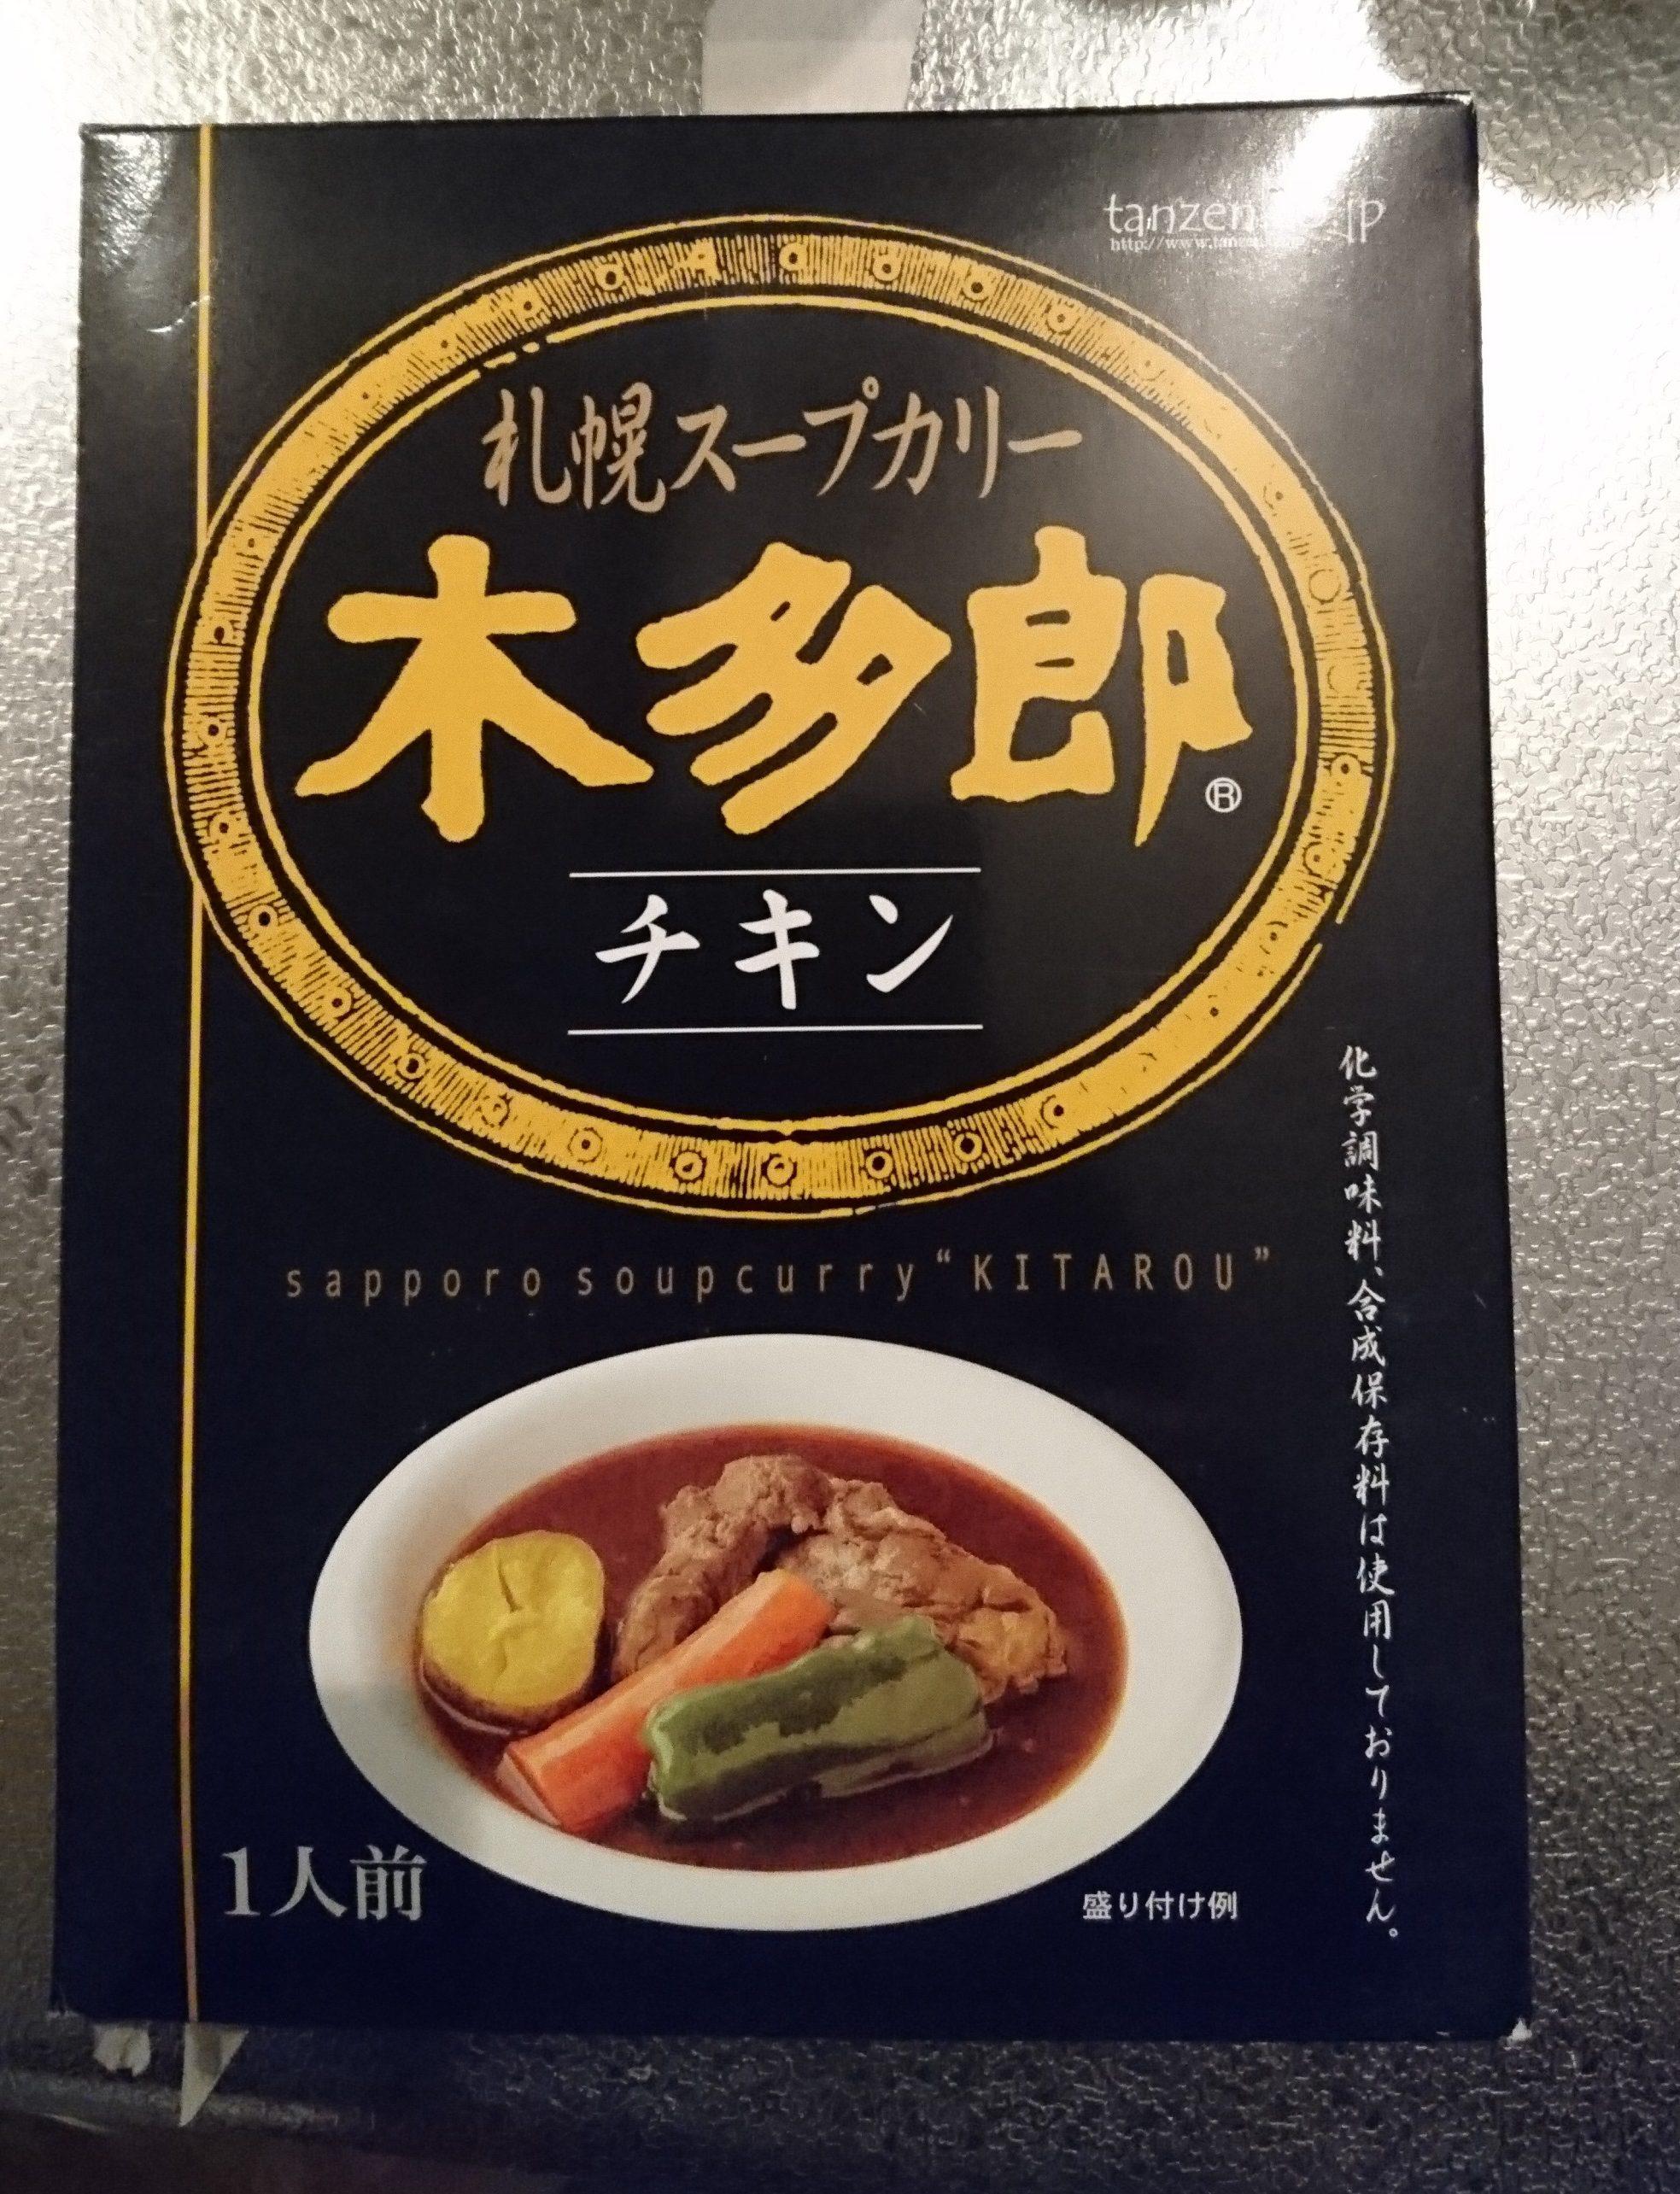 スープカレー木多郎レトルト